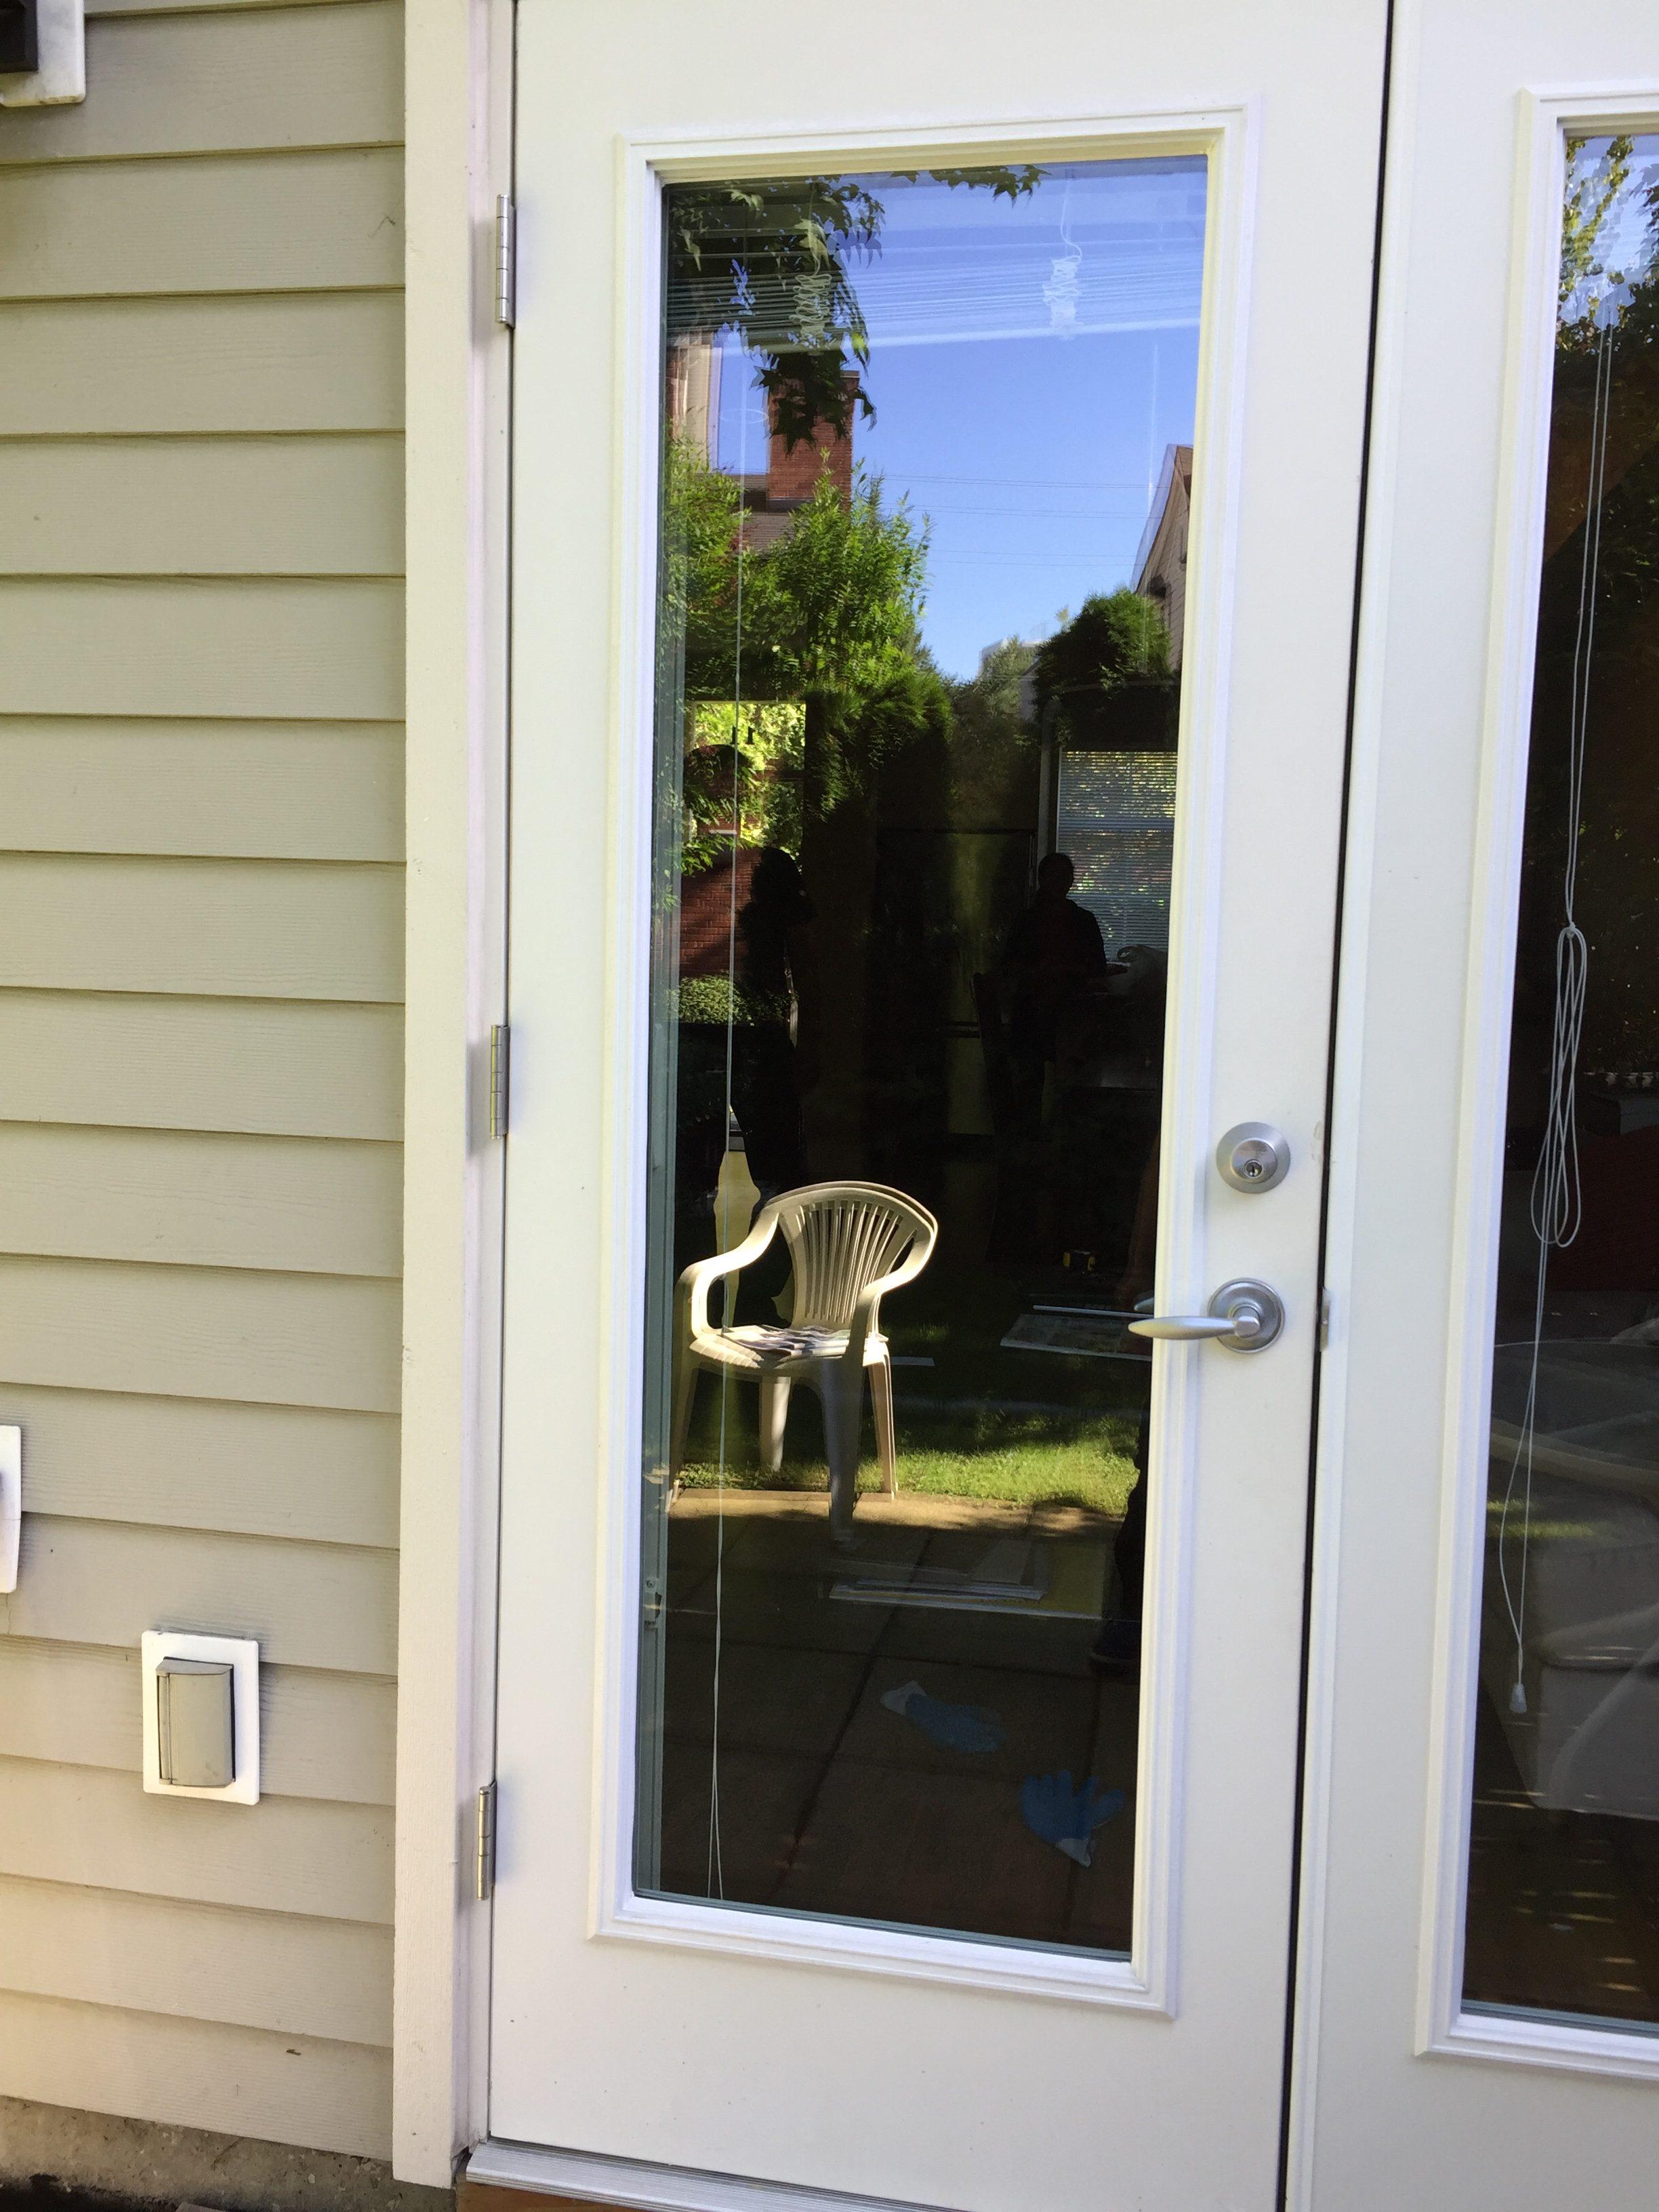 78163 left door leaf glass had been replaced